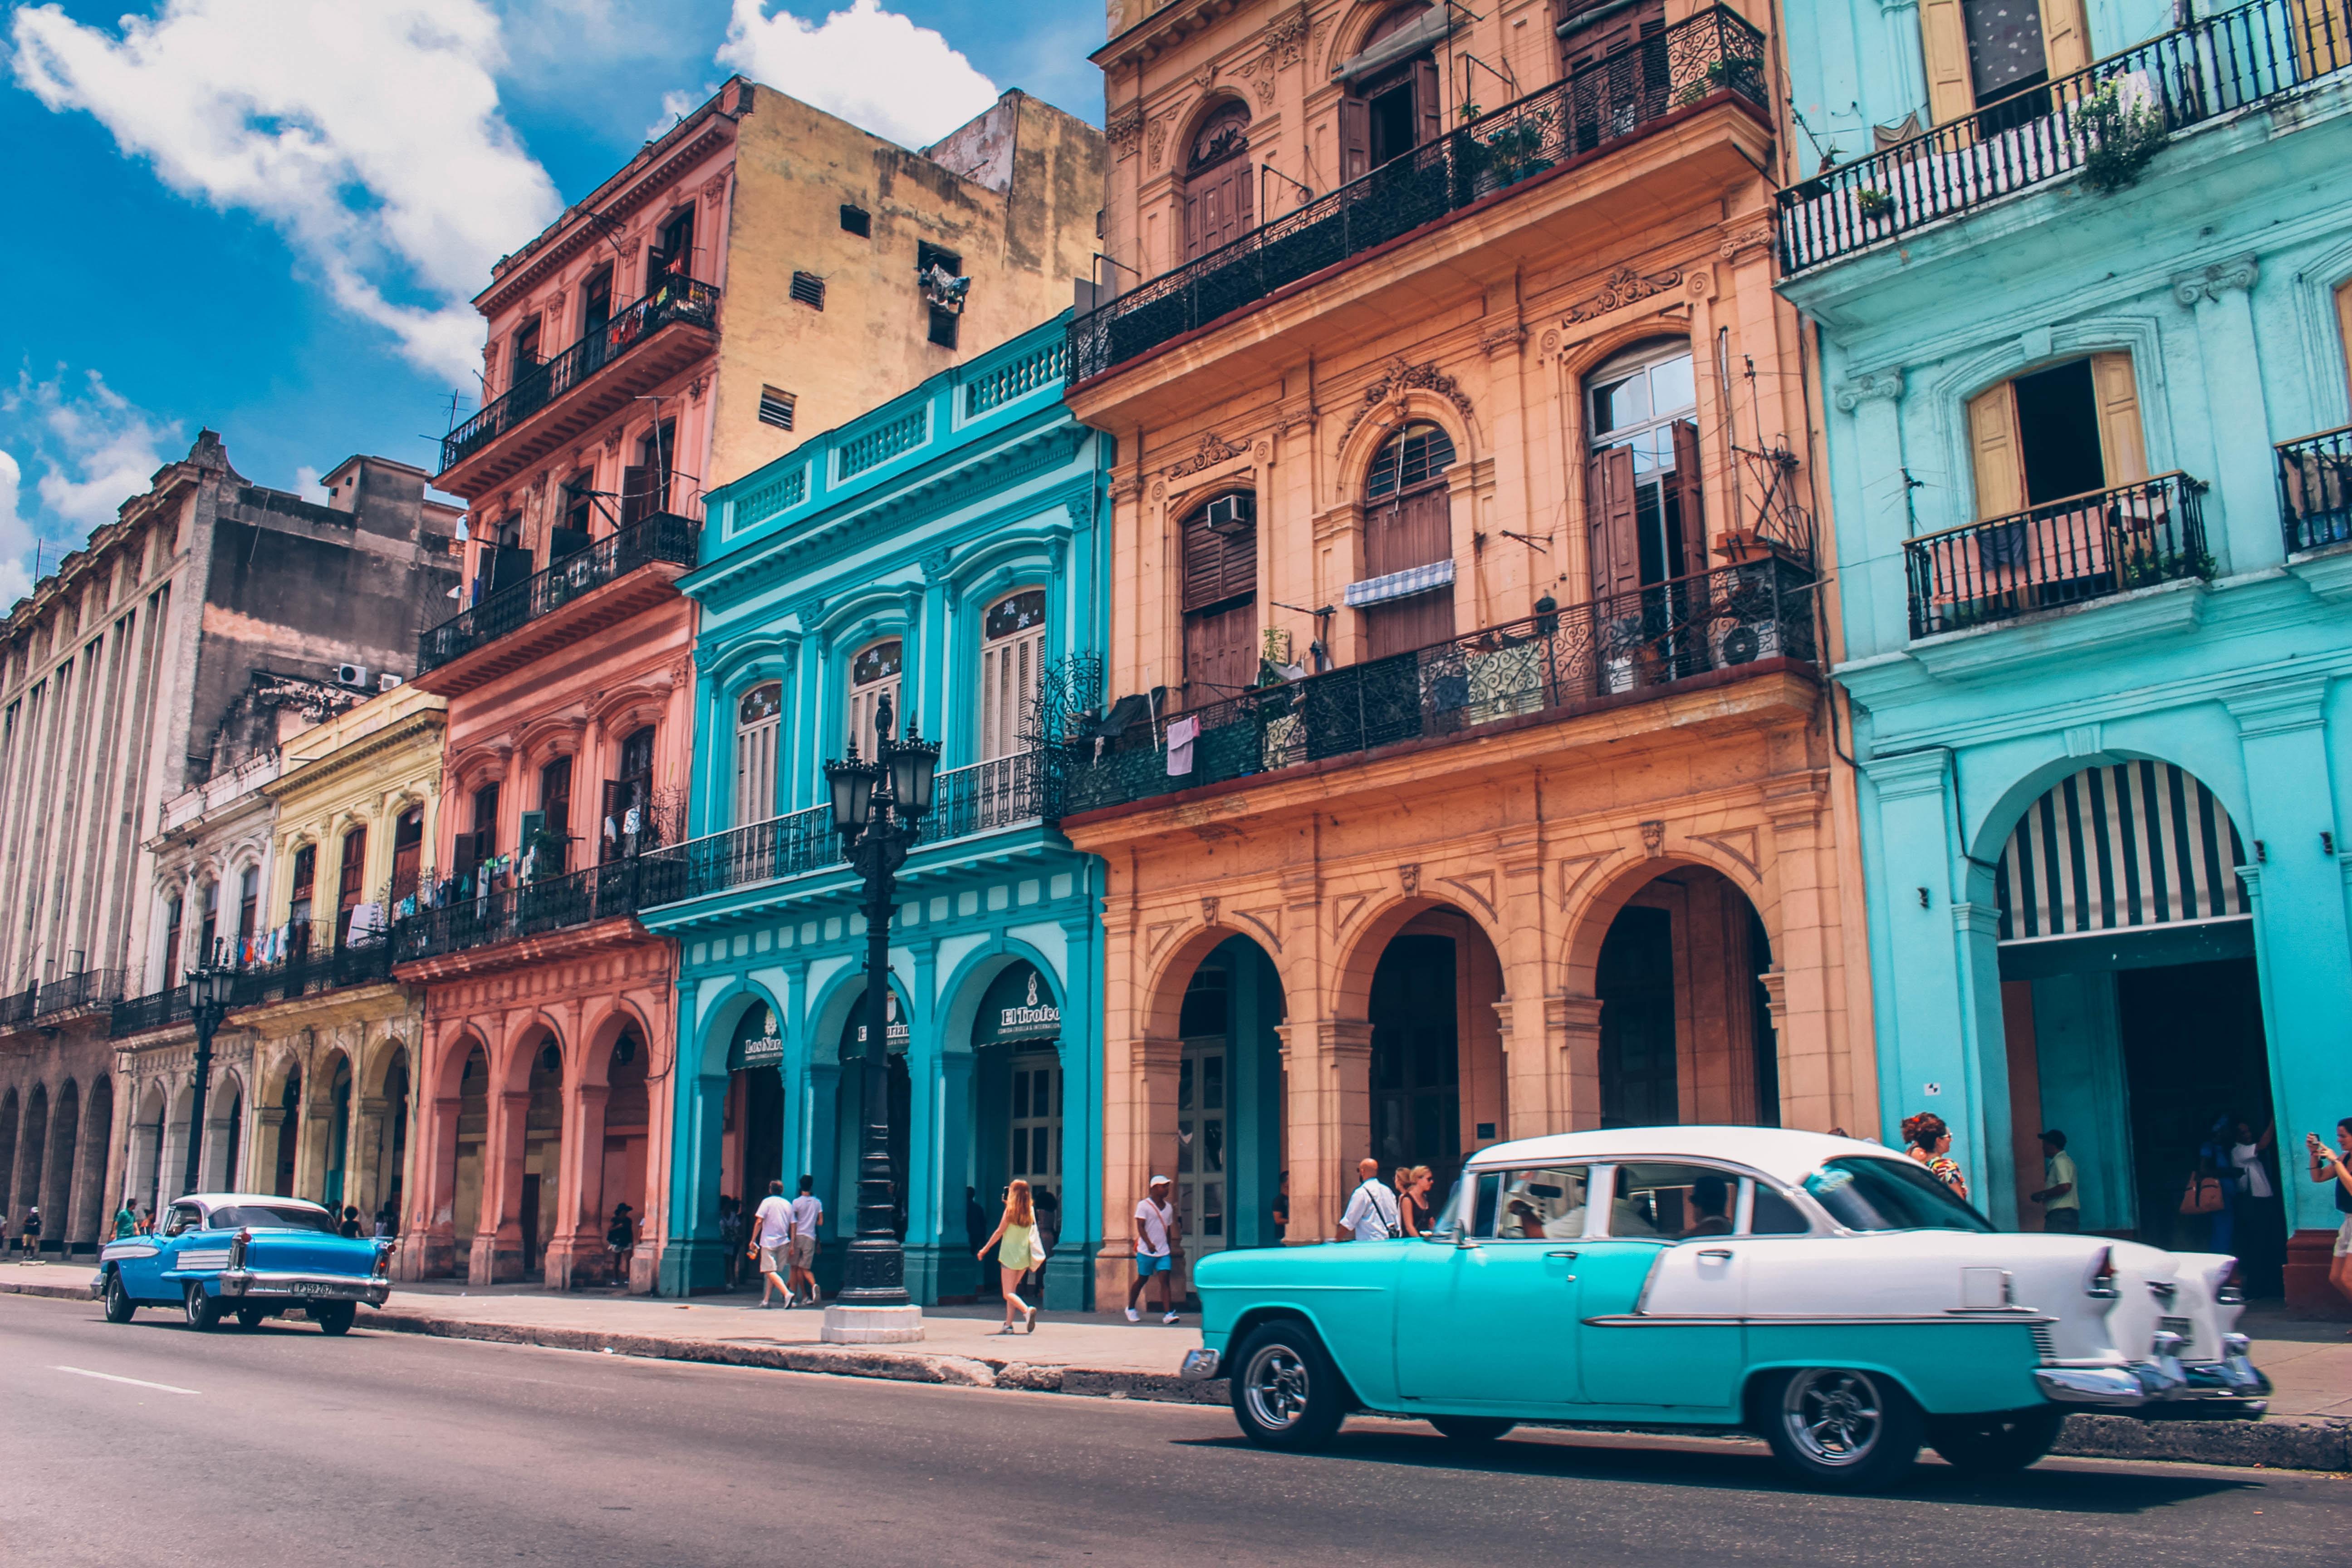 GRUPO MÍNIMO 10 PAX Cuba Central en Casas Coloniales con Varadero